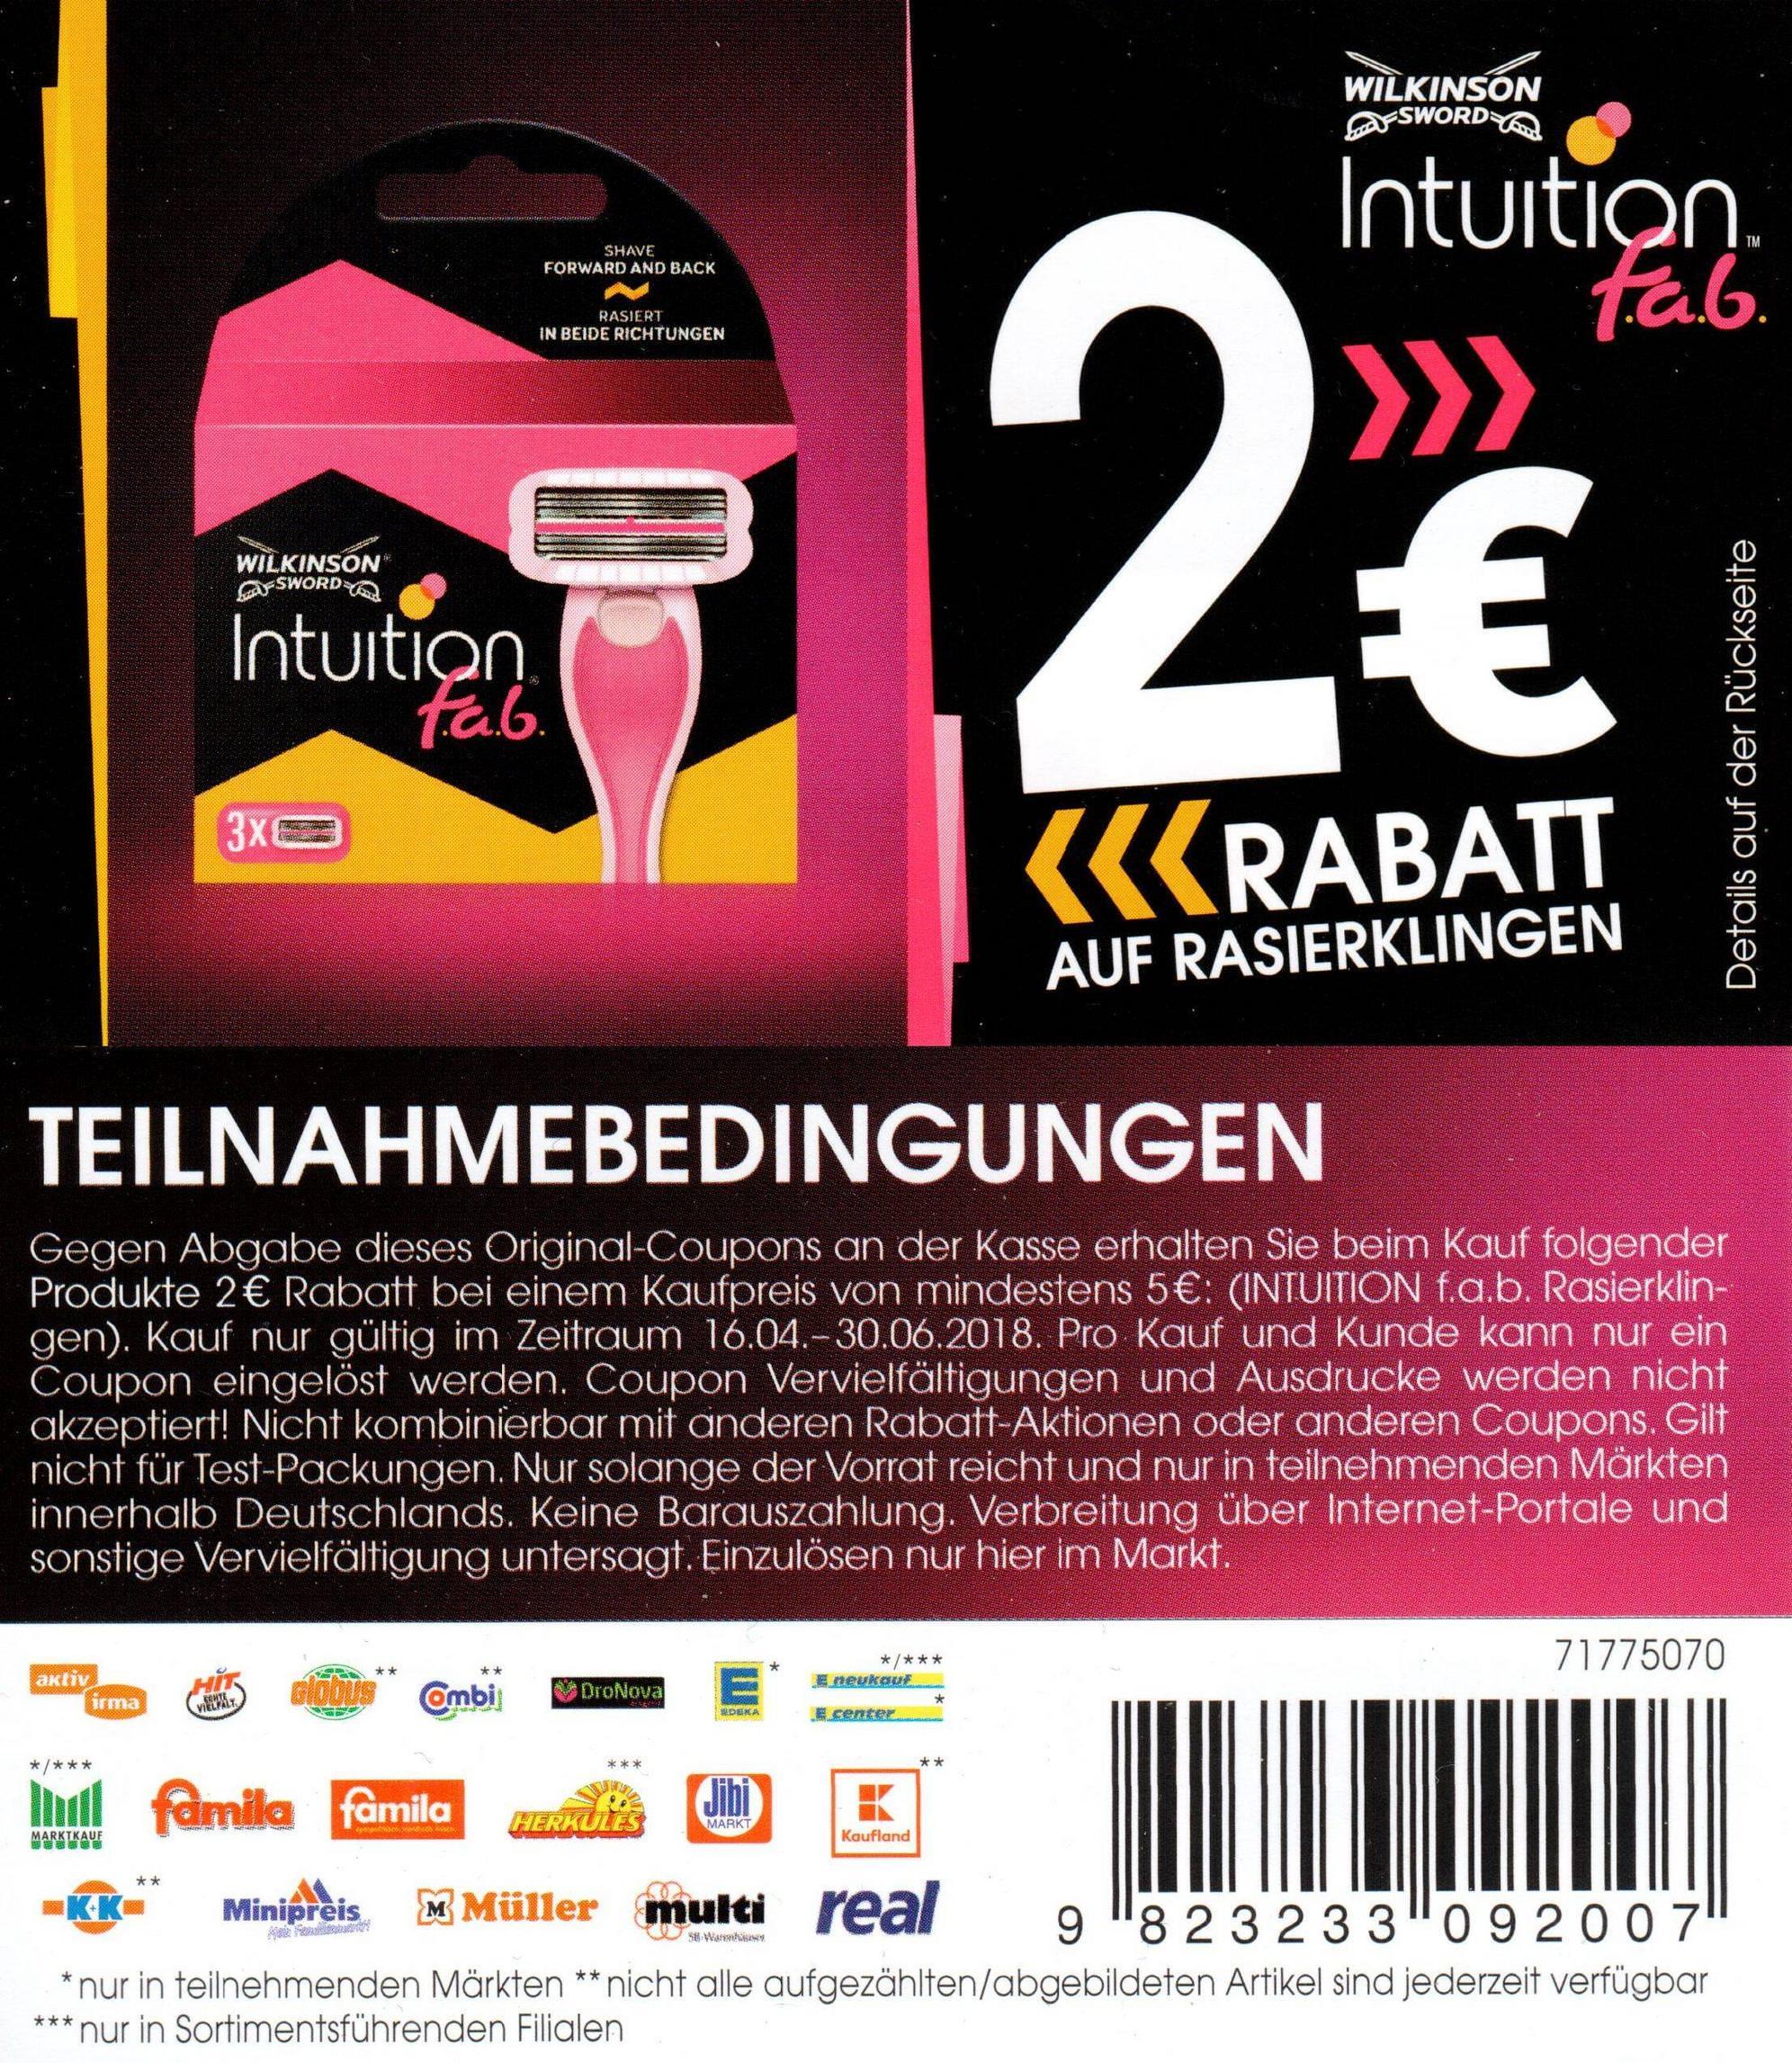 Neuer 2,00€ Coupon für Wilkinson Intuition f.a.b. Rasierklingen bis 30.06.2018